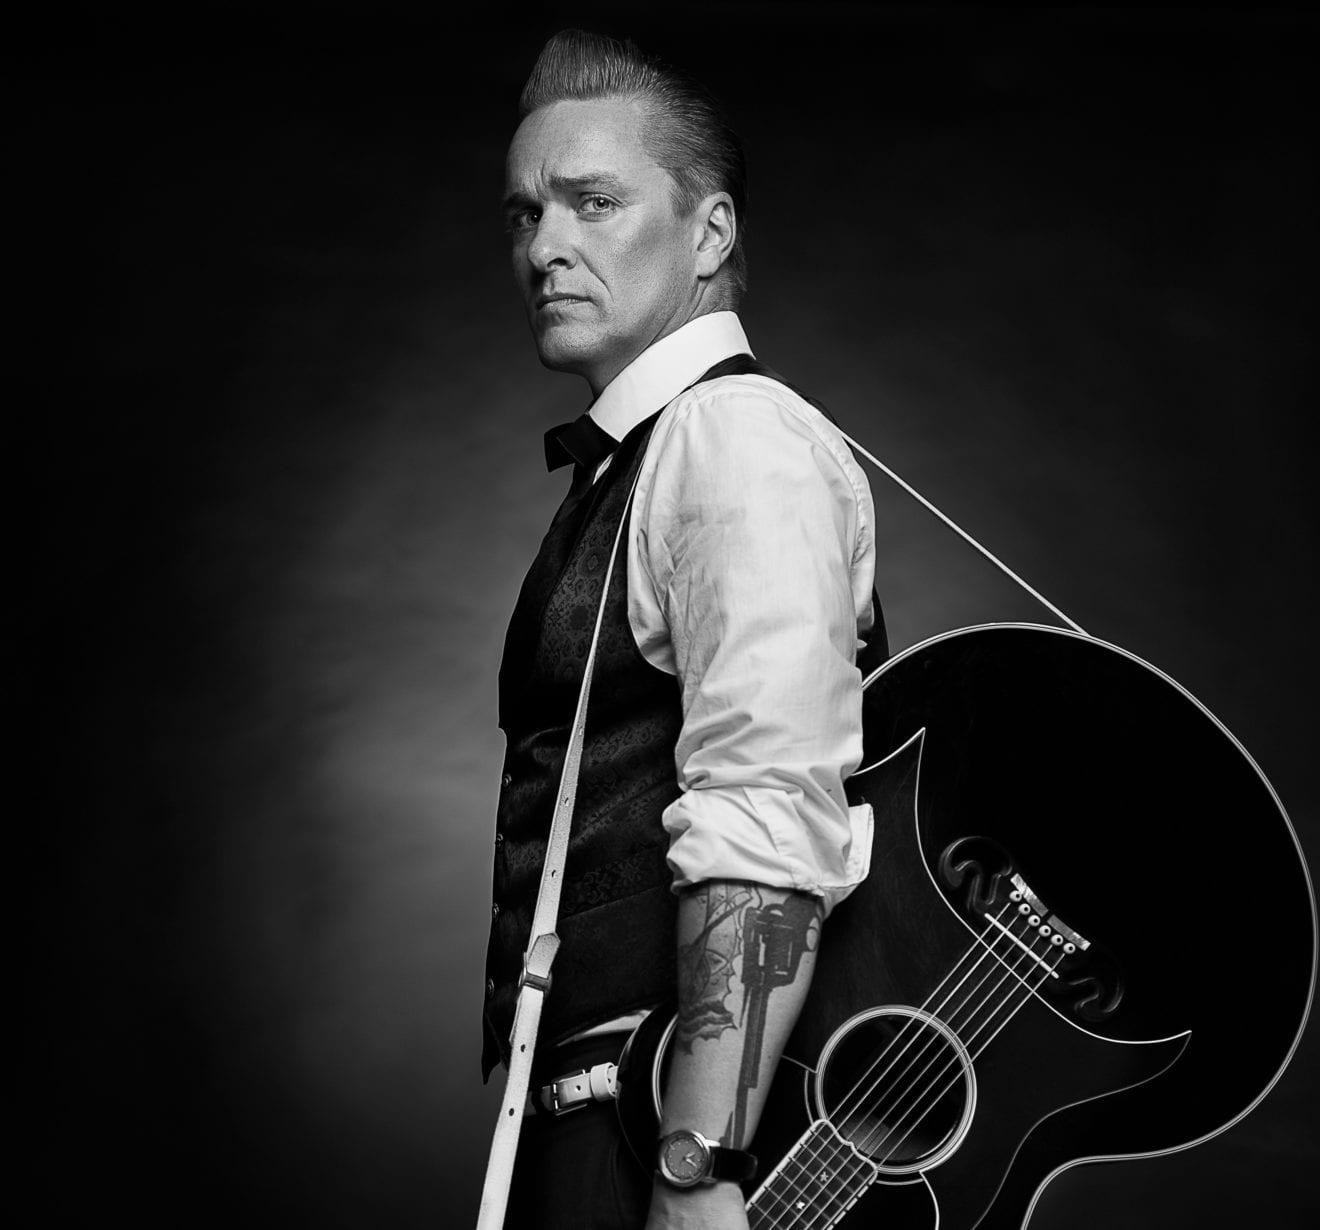 Koncertforedrag i Jorløse om Johnny Cash